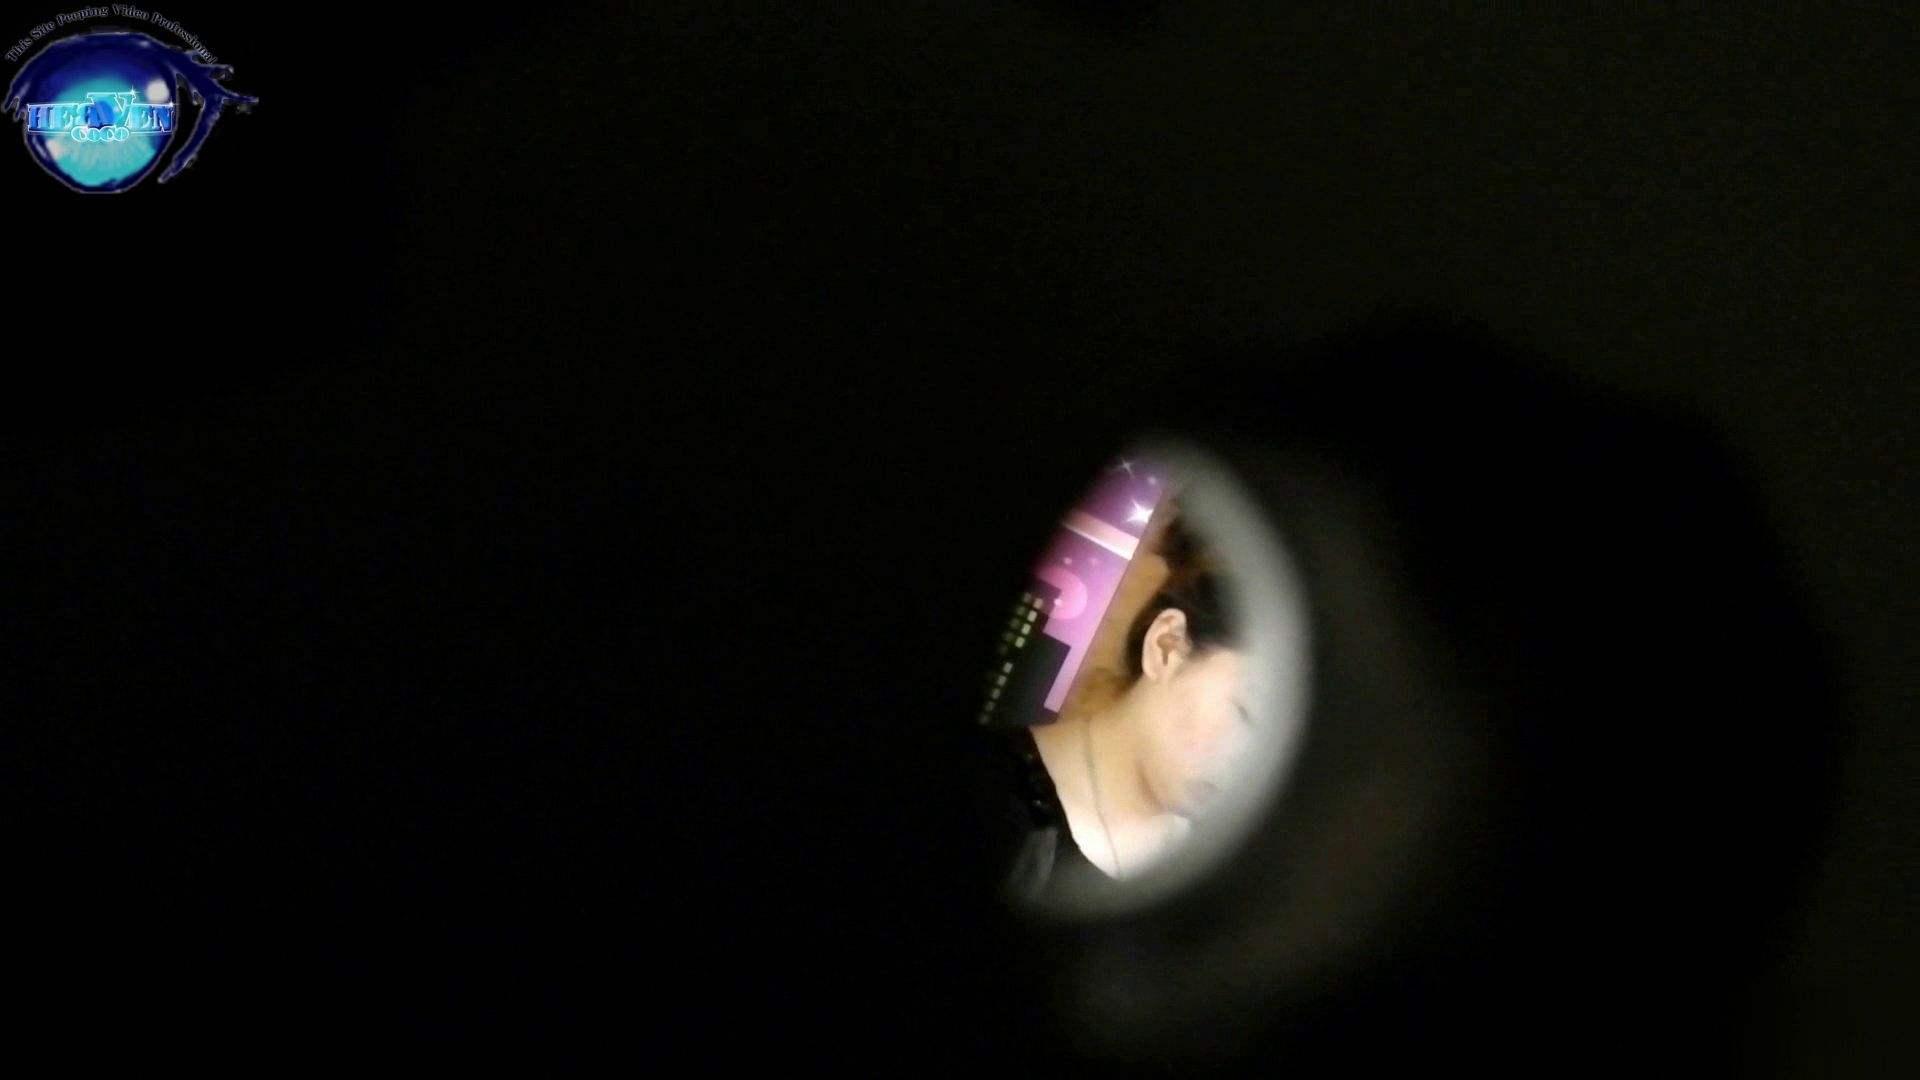 【世界の射窓から】世界の射窓から Nol.23前編 美しいOLの裸体  84pic 58